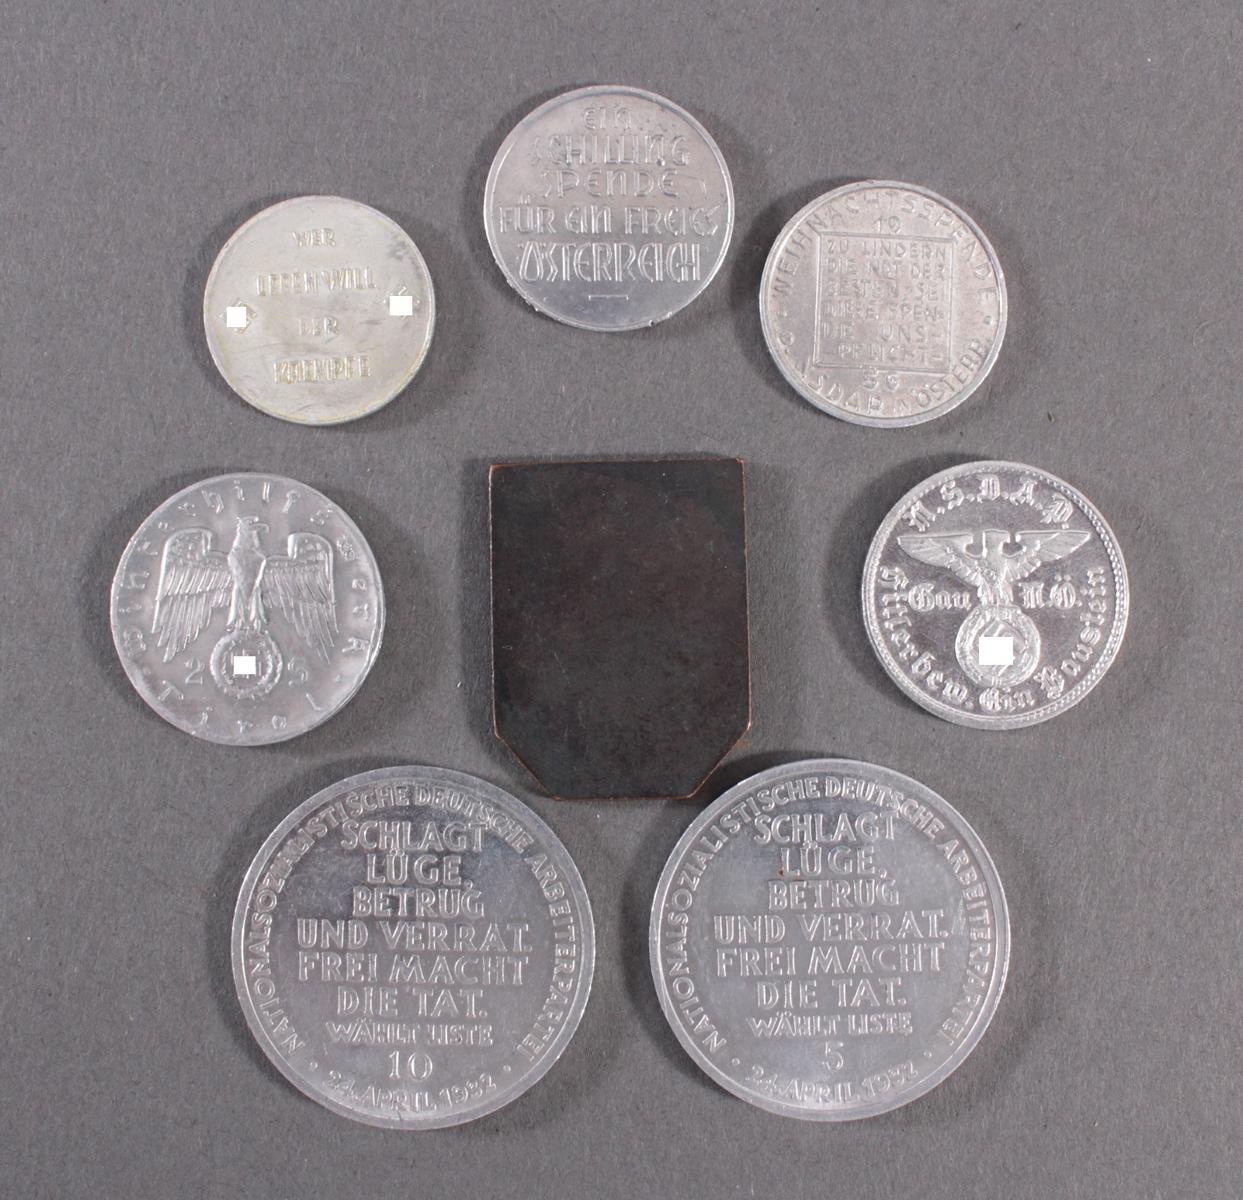 8 Medaillen / Klippen, WHW und Wahl 1932-2